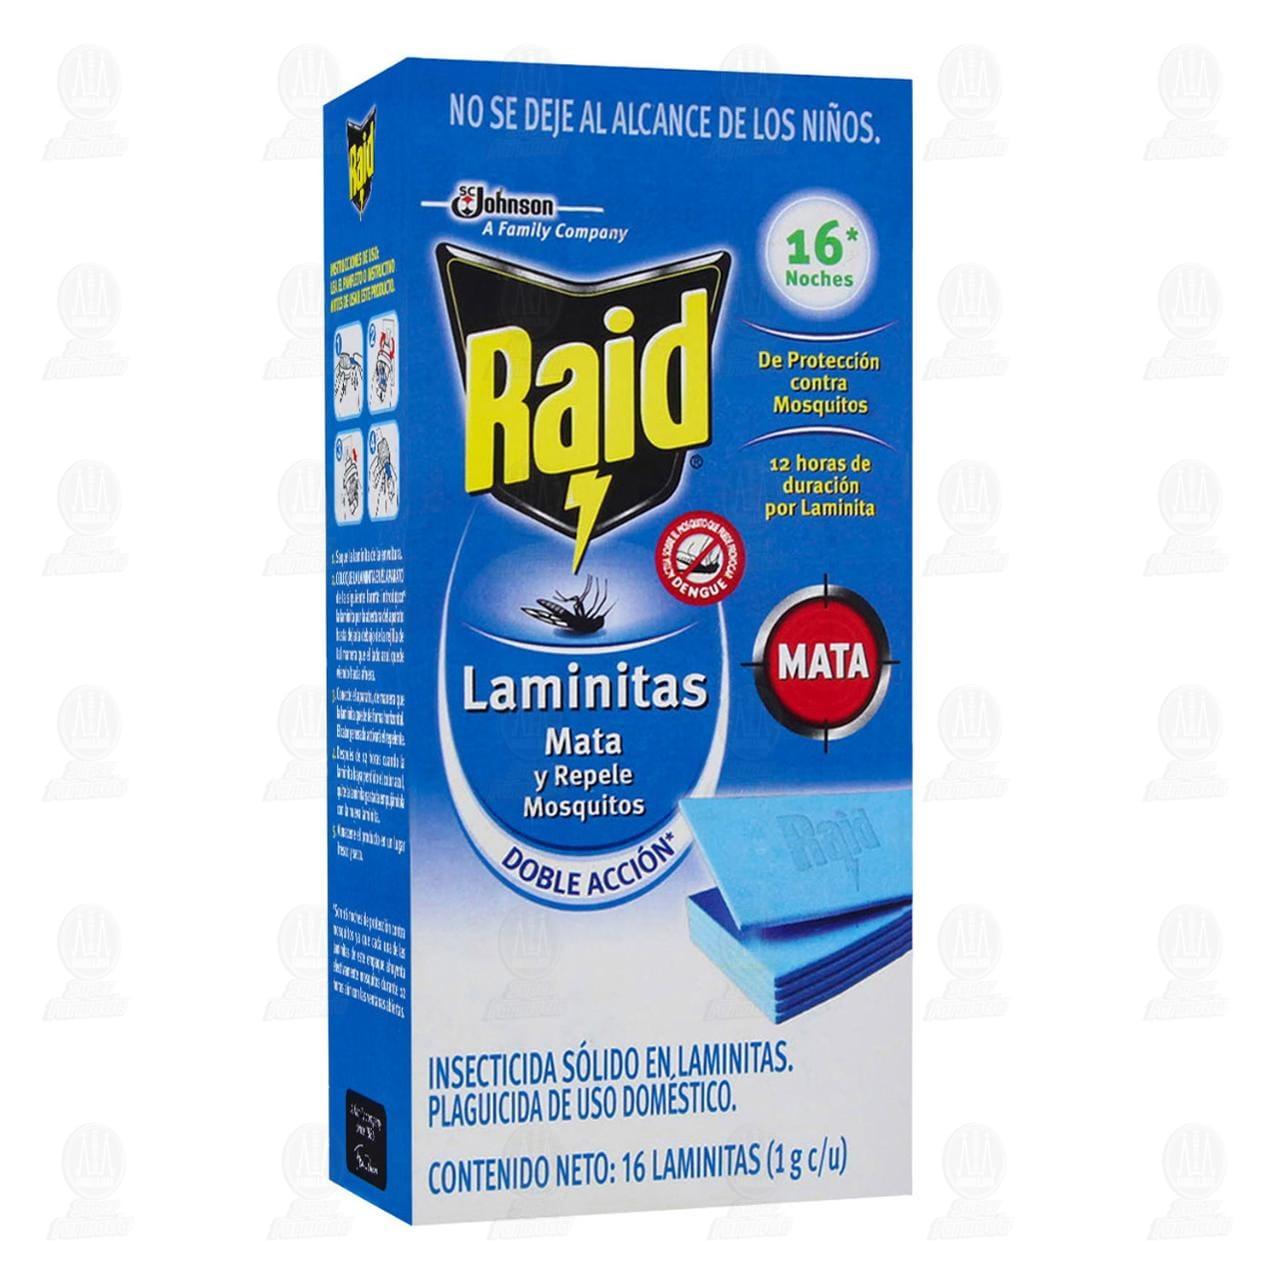 Insecticida Raid Laminitas Mata y Repele Mosquitos Uso Doméstico, 16 Piezas.